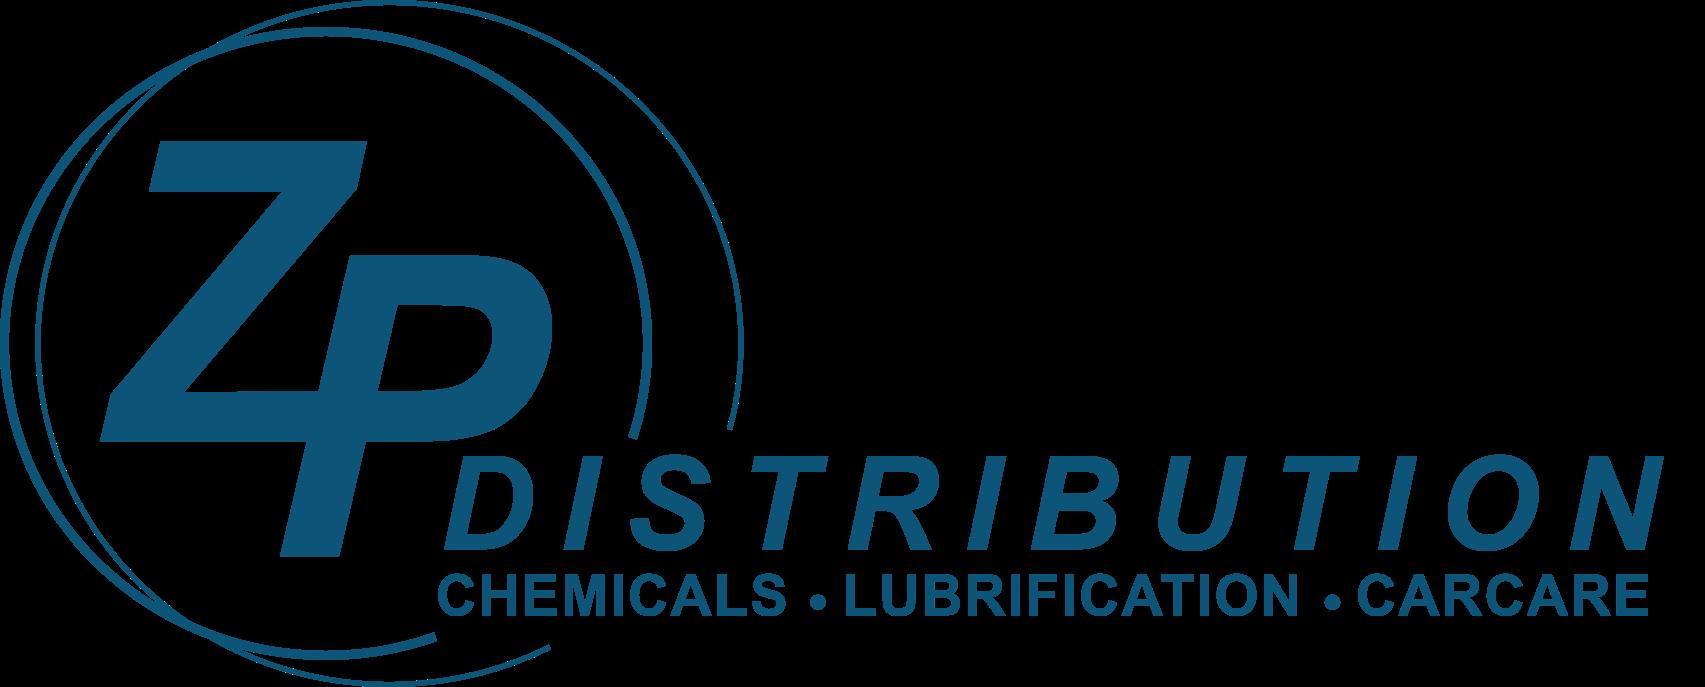 www.zp-distribution.com